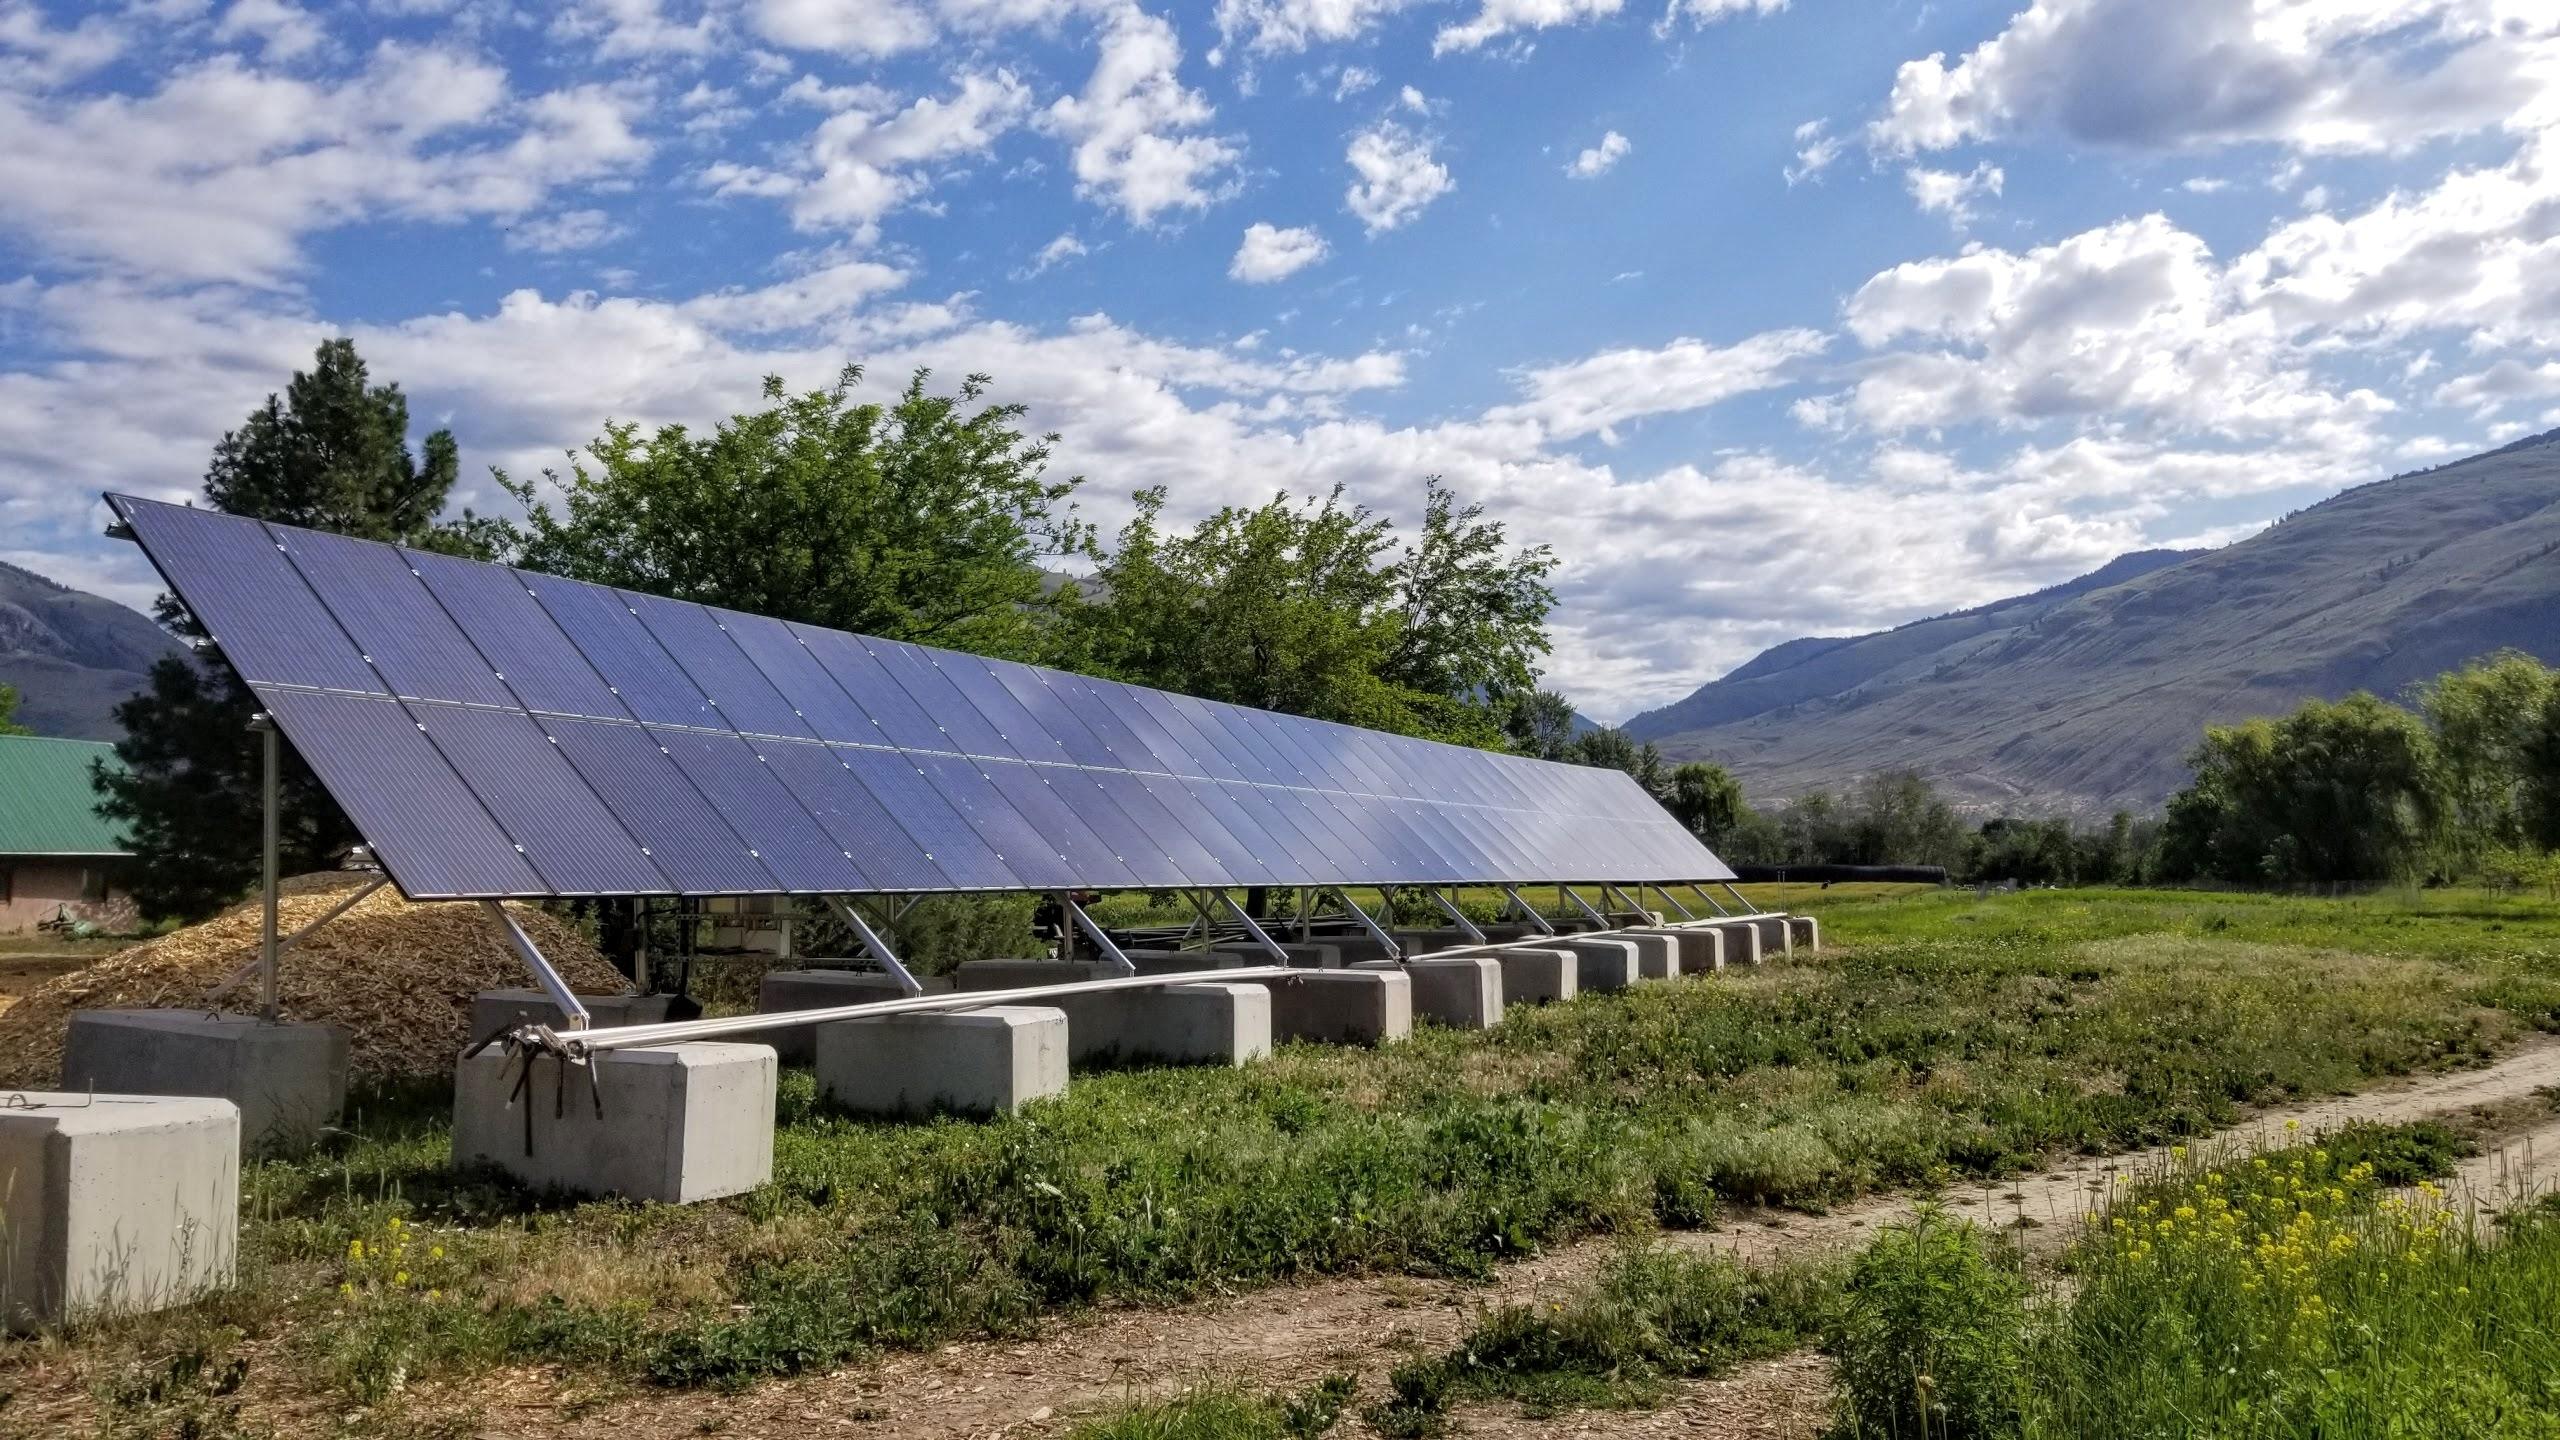 Solar panels at Farmersdotter